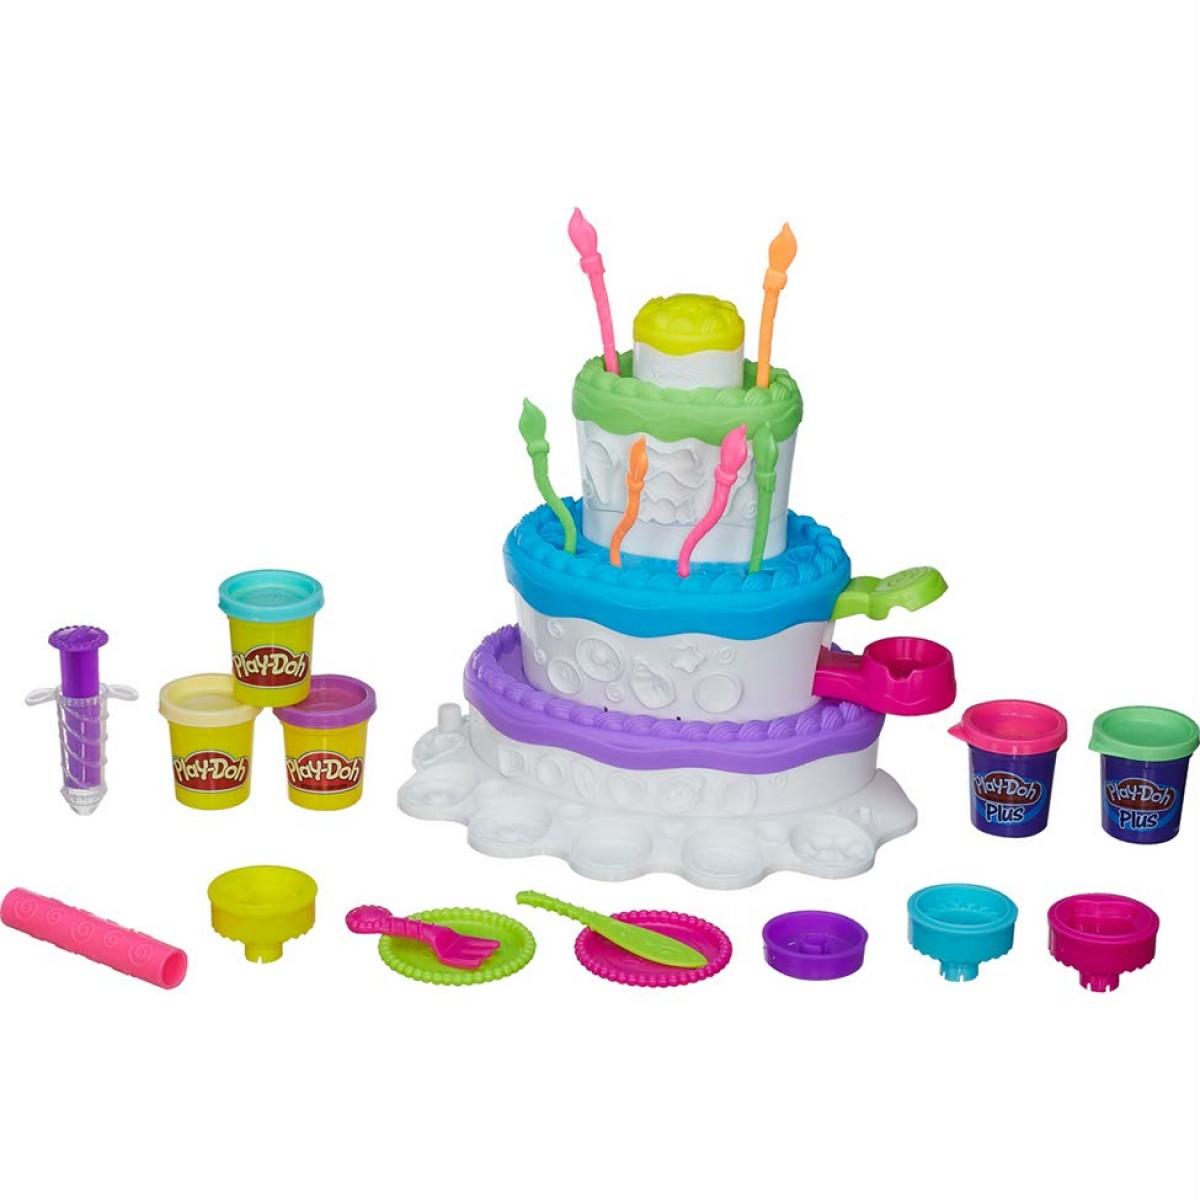 Праздничный торт Play-DohПластилин Play-Doh<br>Праздничный торт Play-Doh<br>